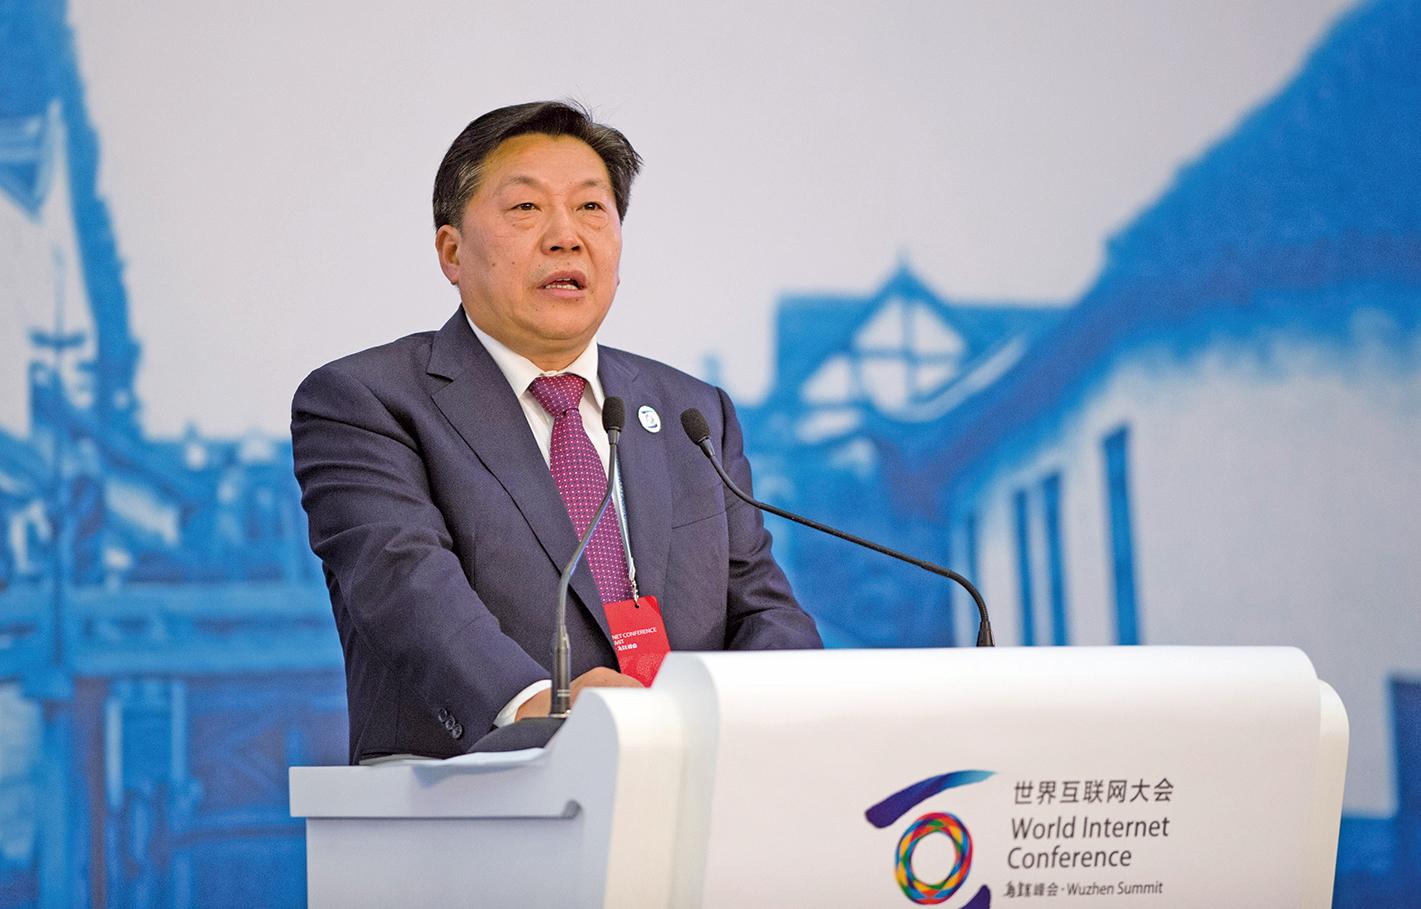 中宣部副部長、網信辦主任魯煒案被習陣營列為反面典型,影射其政變罪行。(Getty Images)